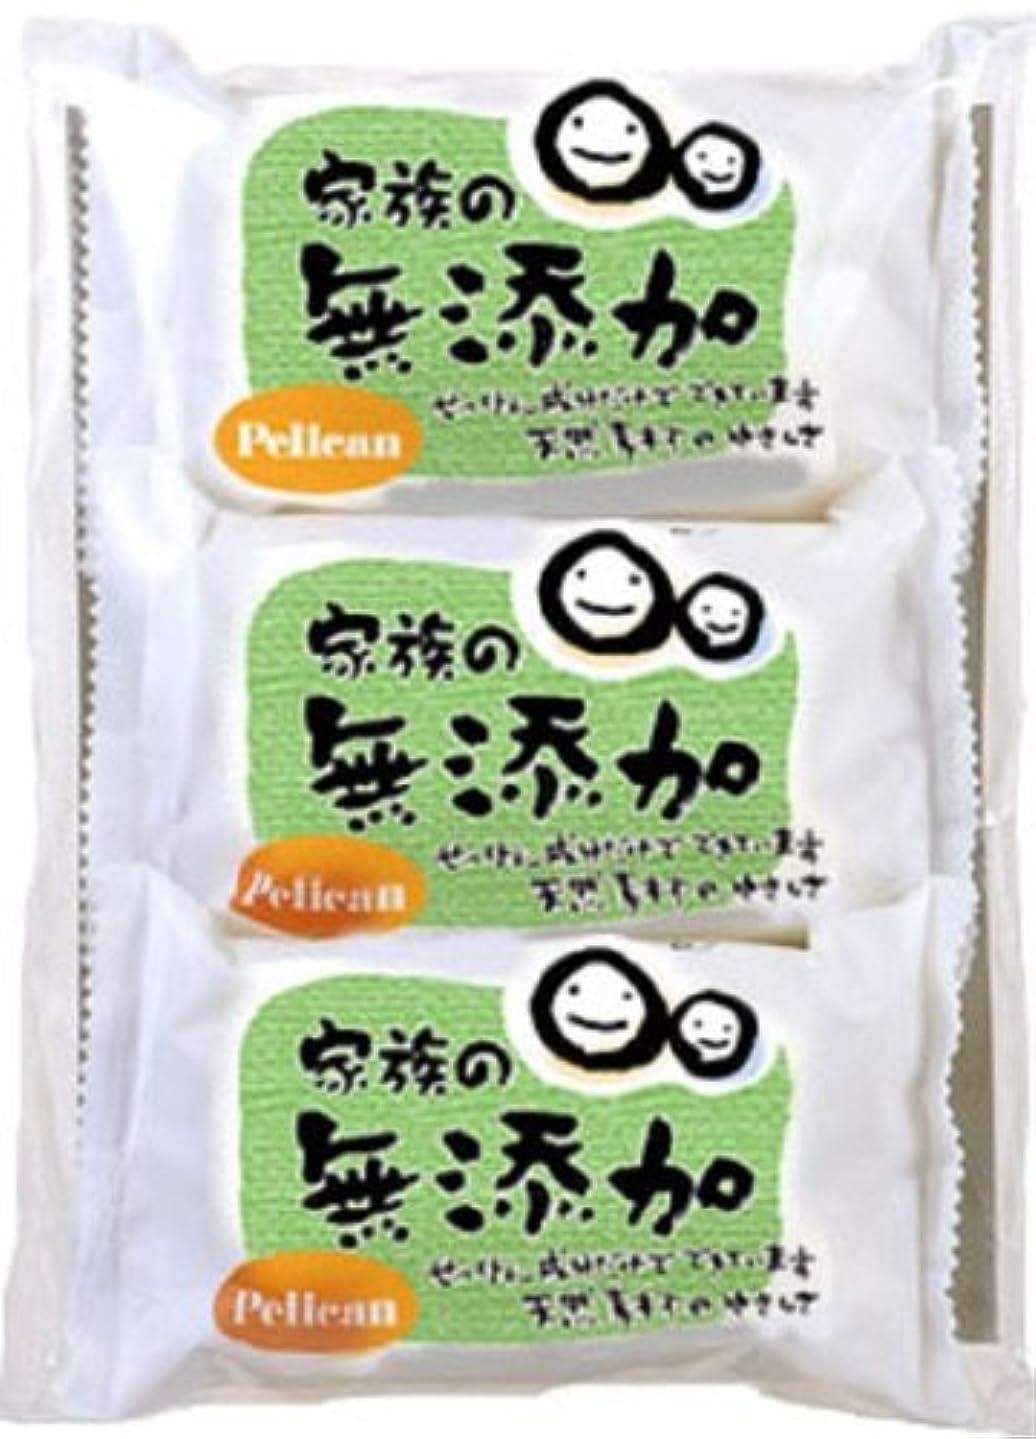 ペリカン石鹸 家族の無添加ソープ 3個パック